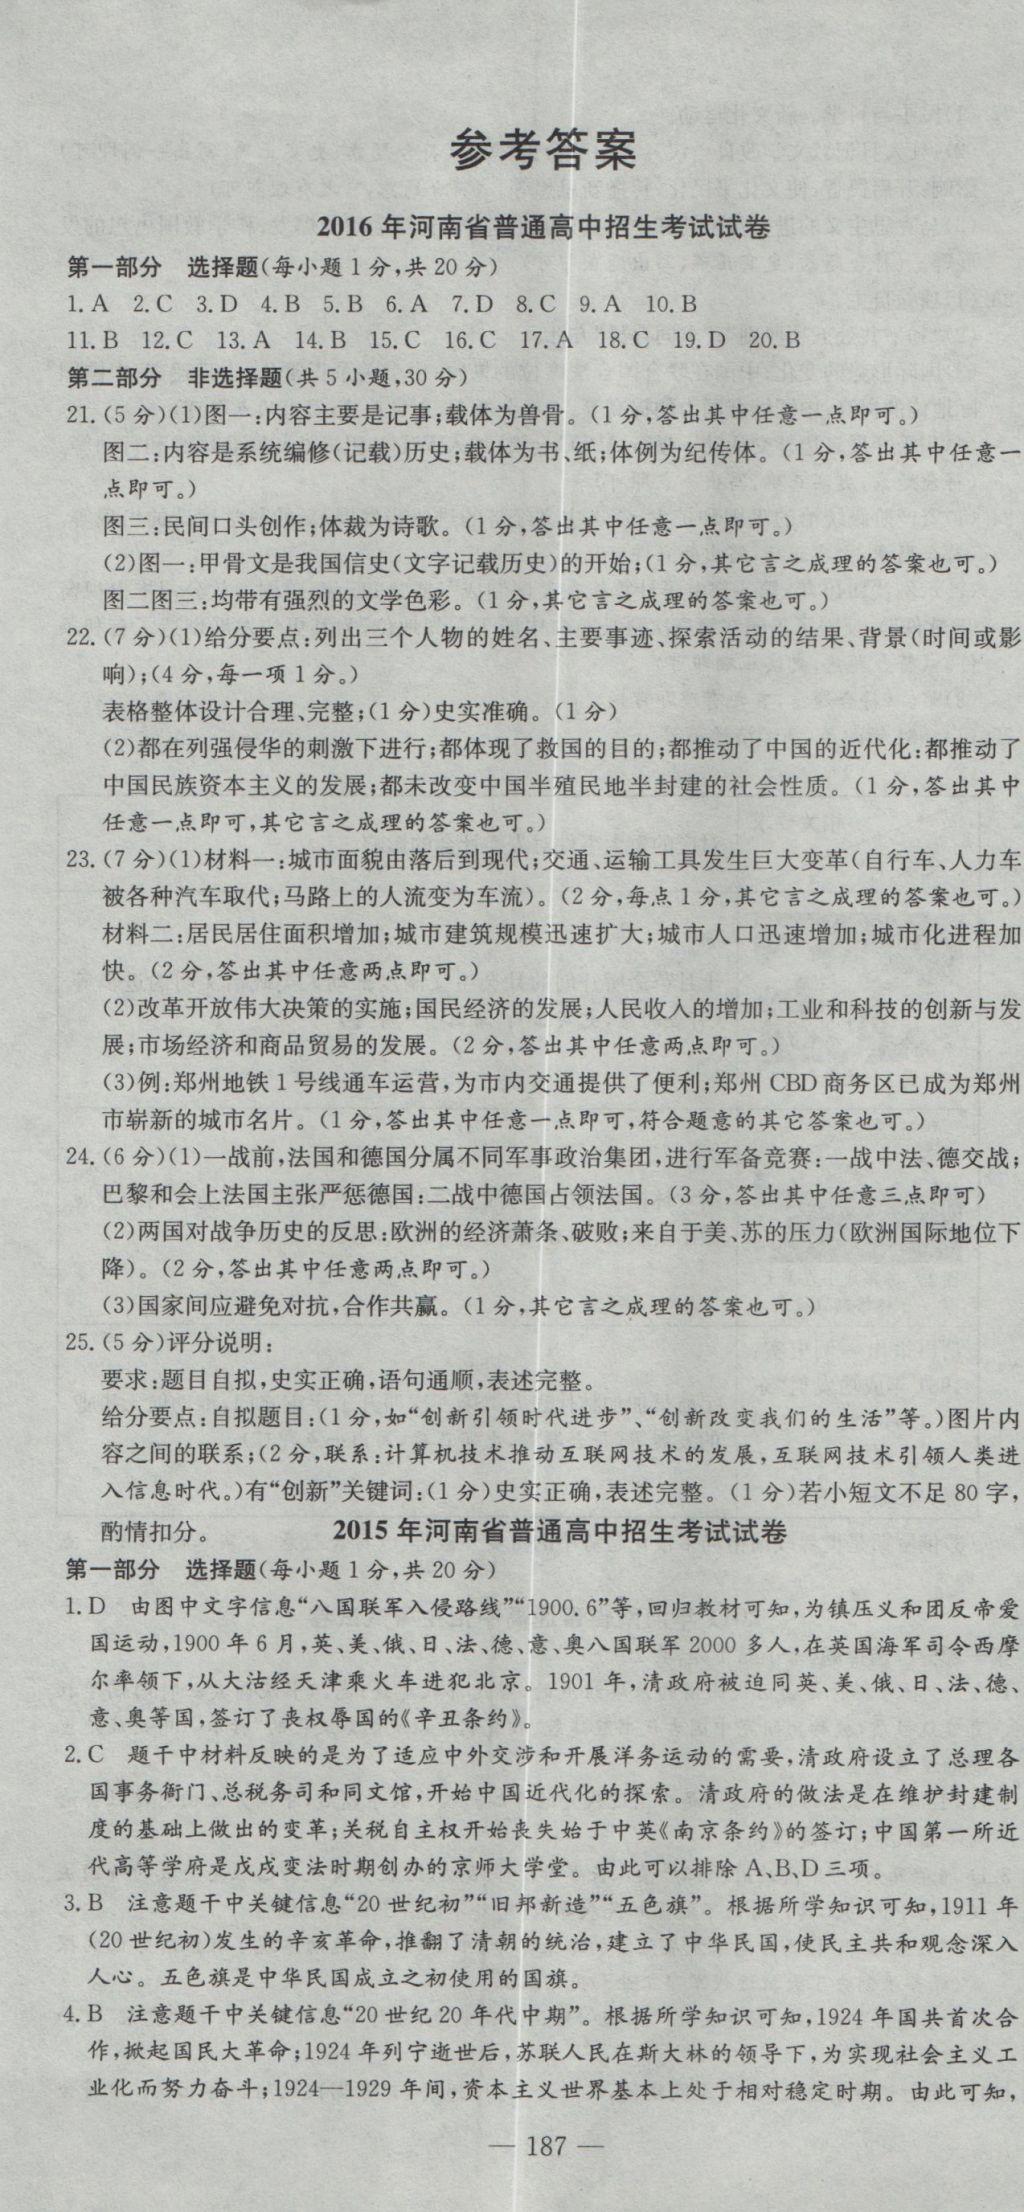 2017年晨祥学成教育河南省中考试题汇编精选31套历史参考答案第1页